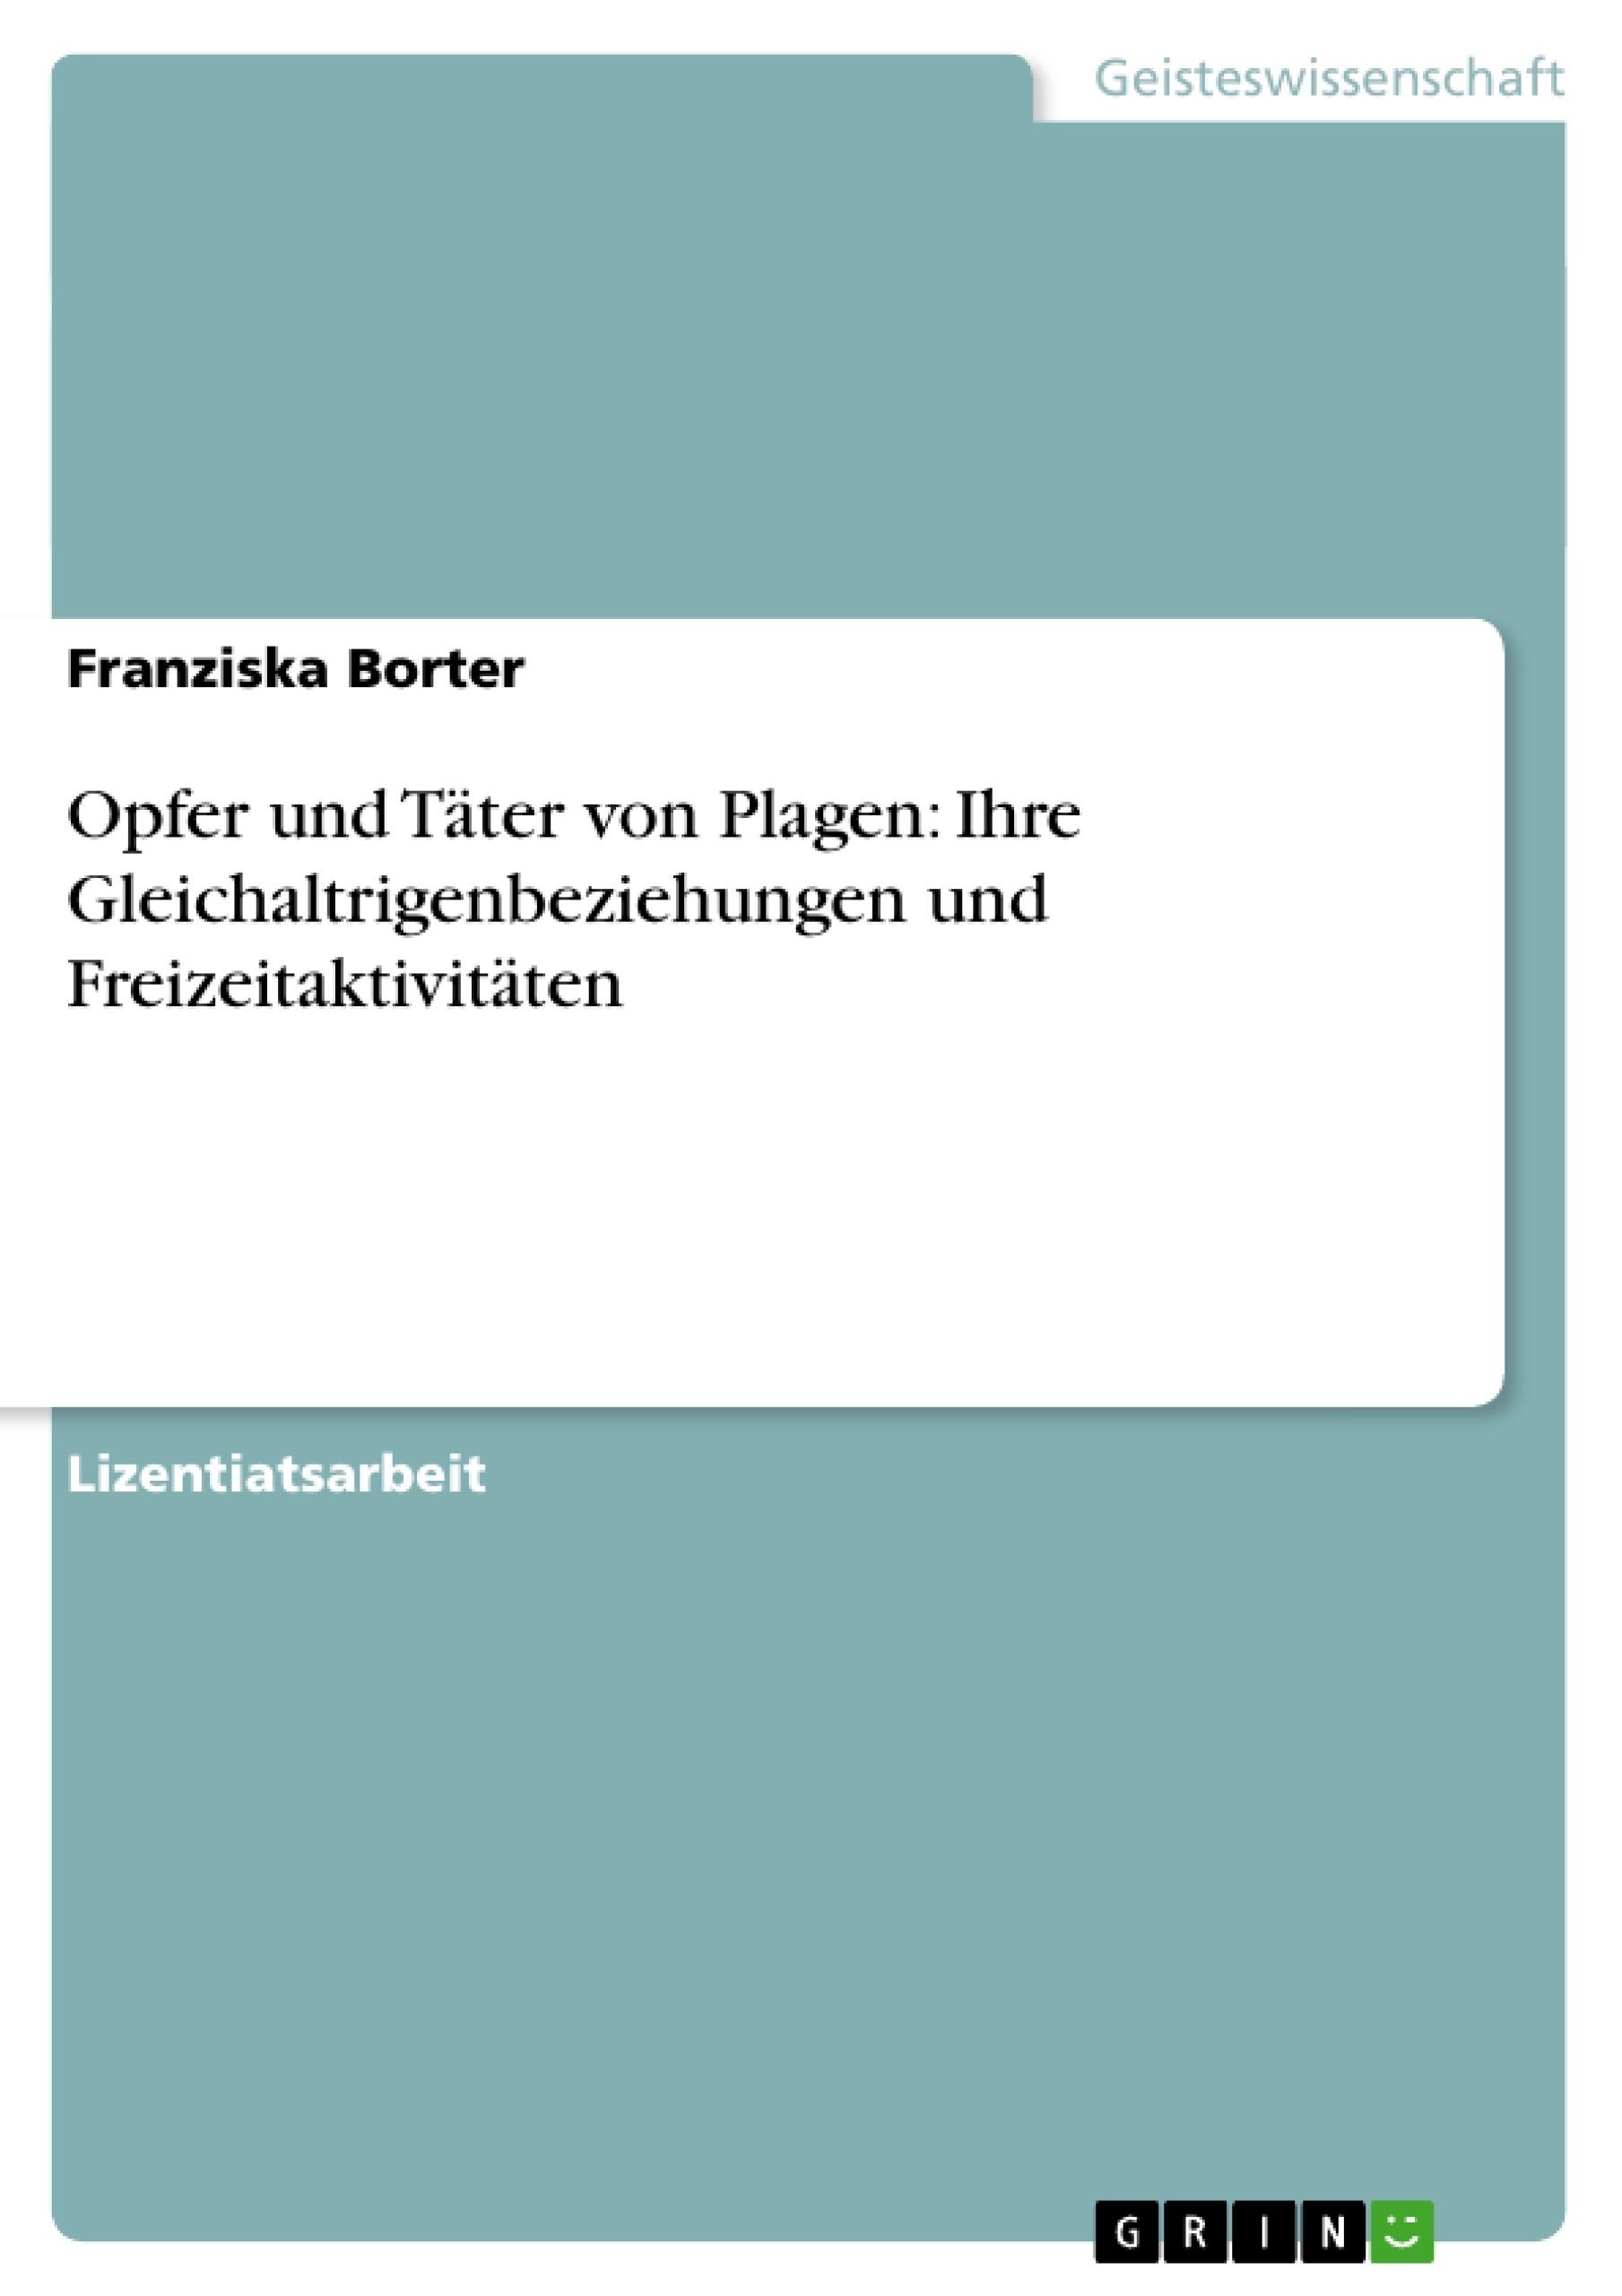 Titel: Opfer und Täter von Plagen: Ihre Gleichaltrigenbeziehungen und Freizeitaktivitäten